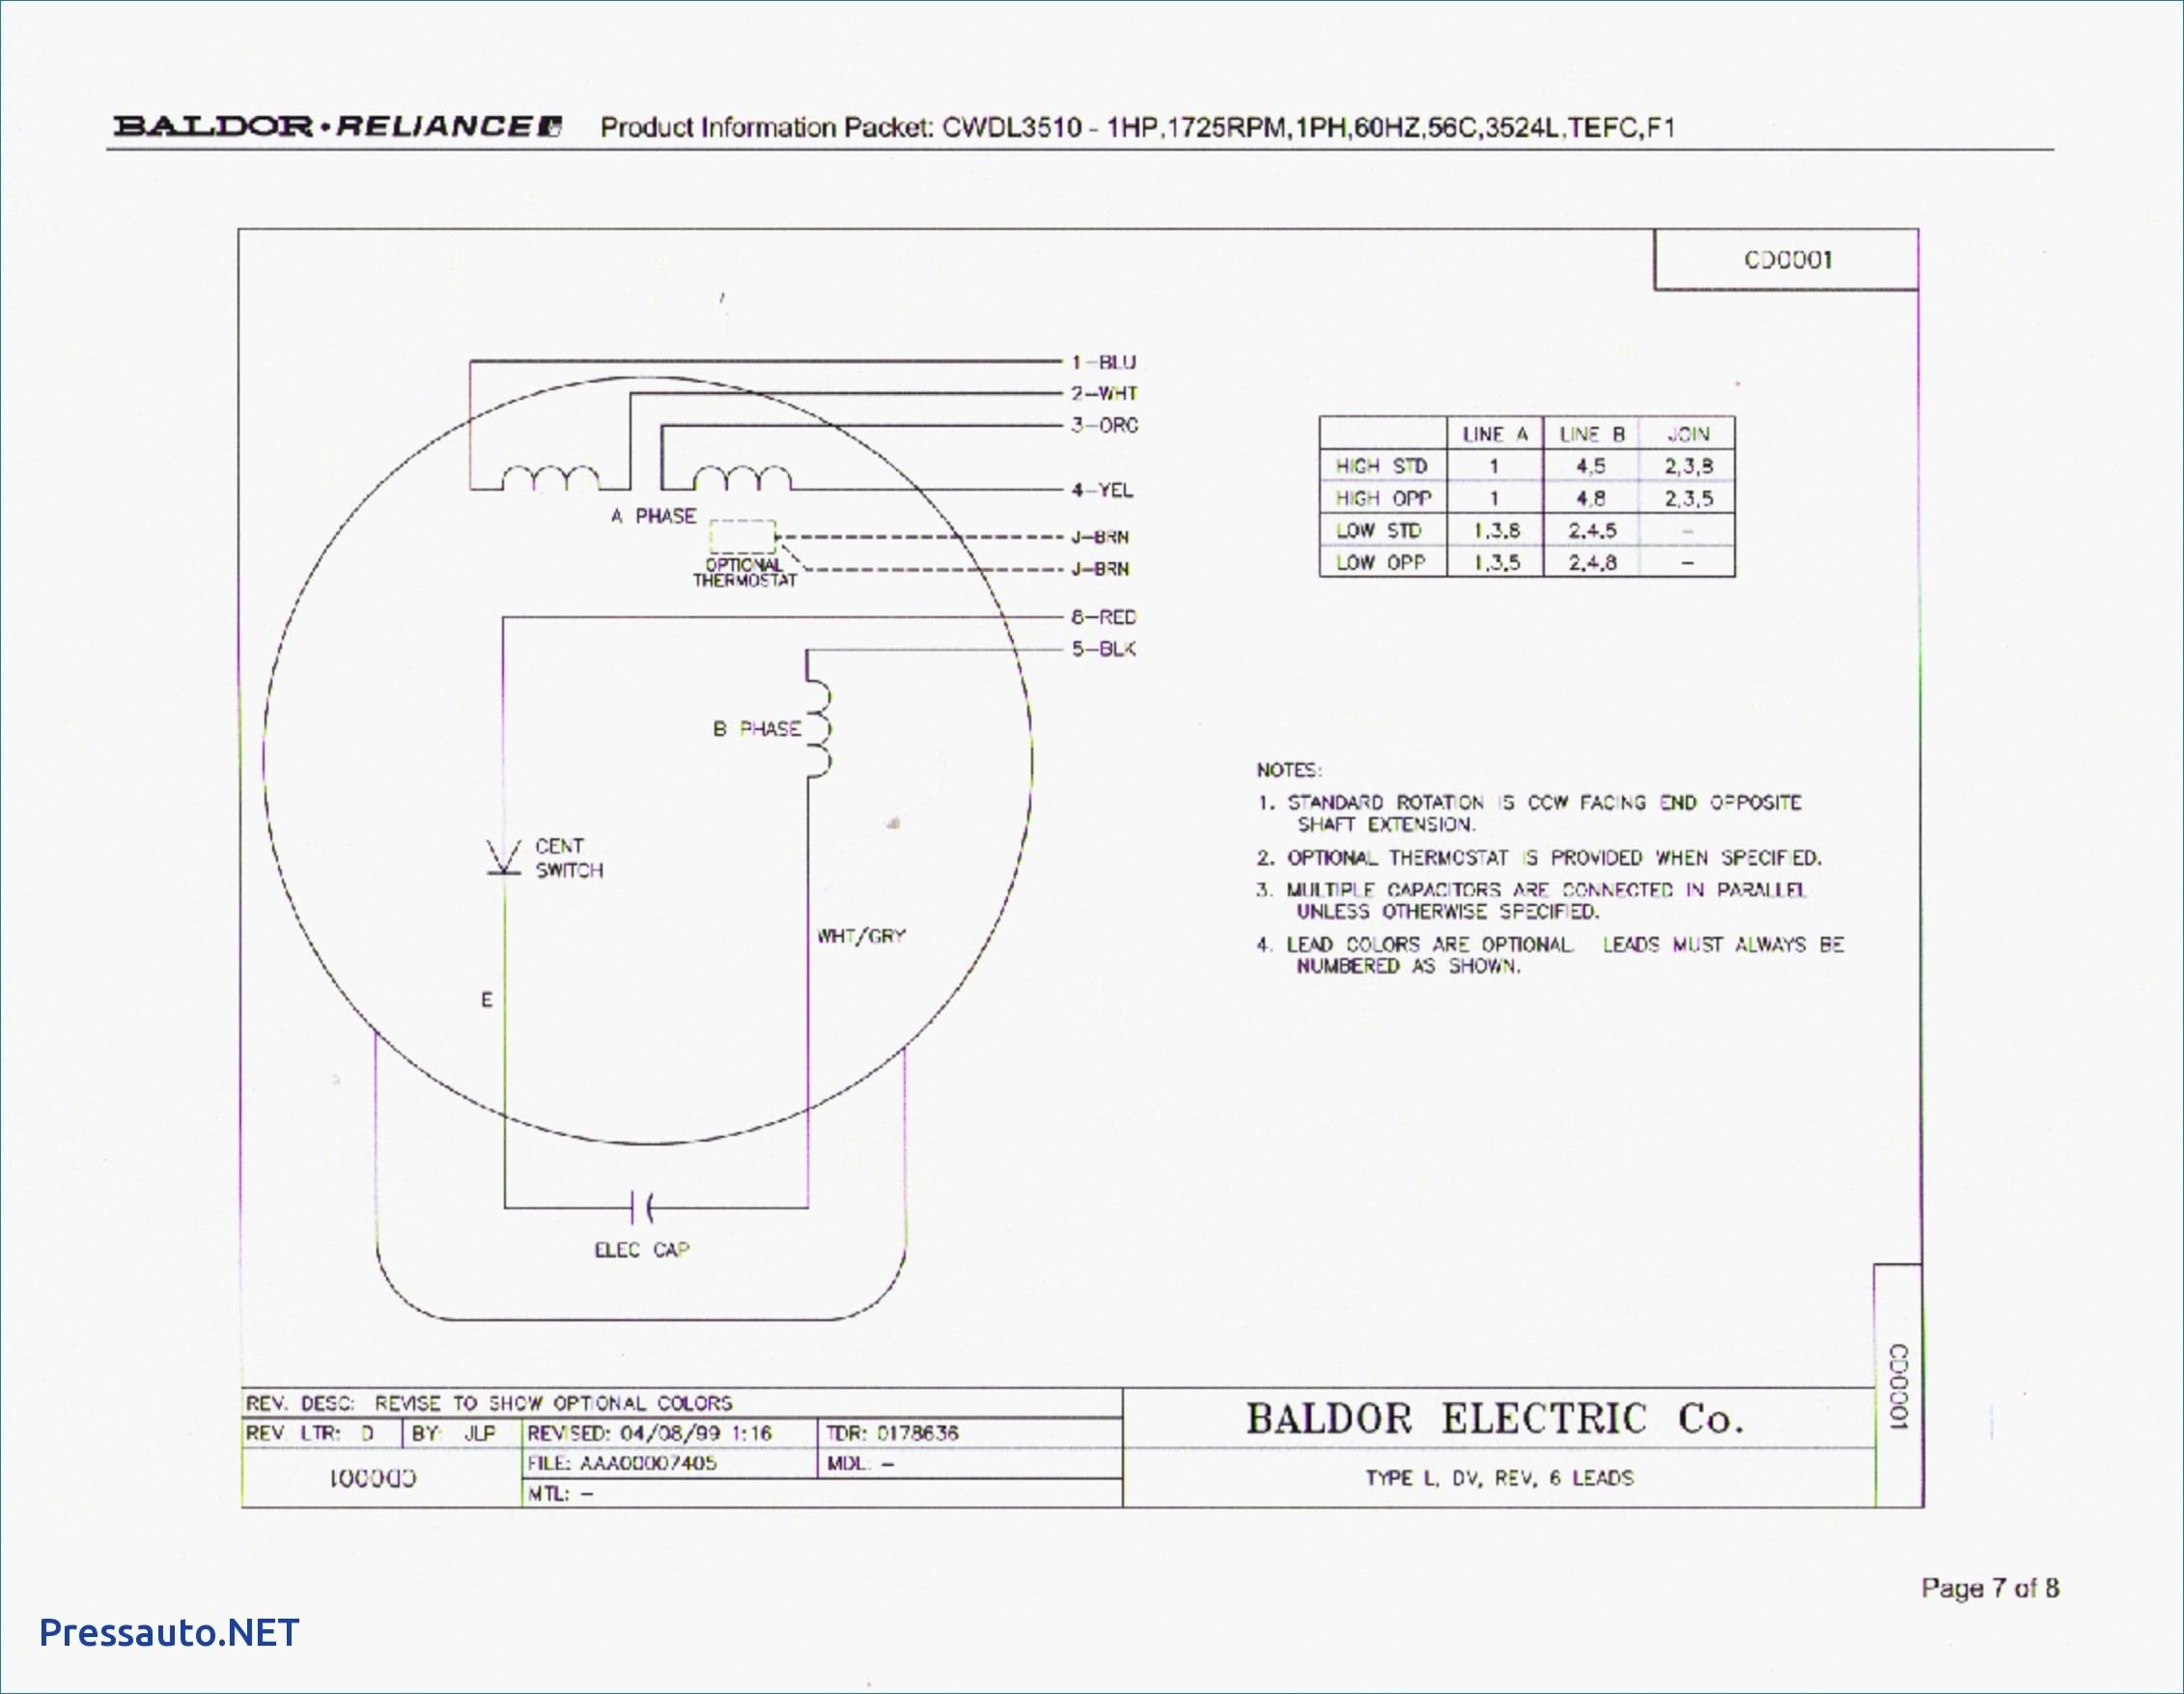 baldor 3 phase motor wiring diagrams 13 16 kenmo lp de \u2022baldor elect diagram wiring diagram online rh 6 19 lightandzaun de baldor 5hp 3 phase motor wiring diagram baldor 2 hp 3 phase motor wiring diagram